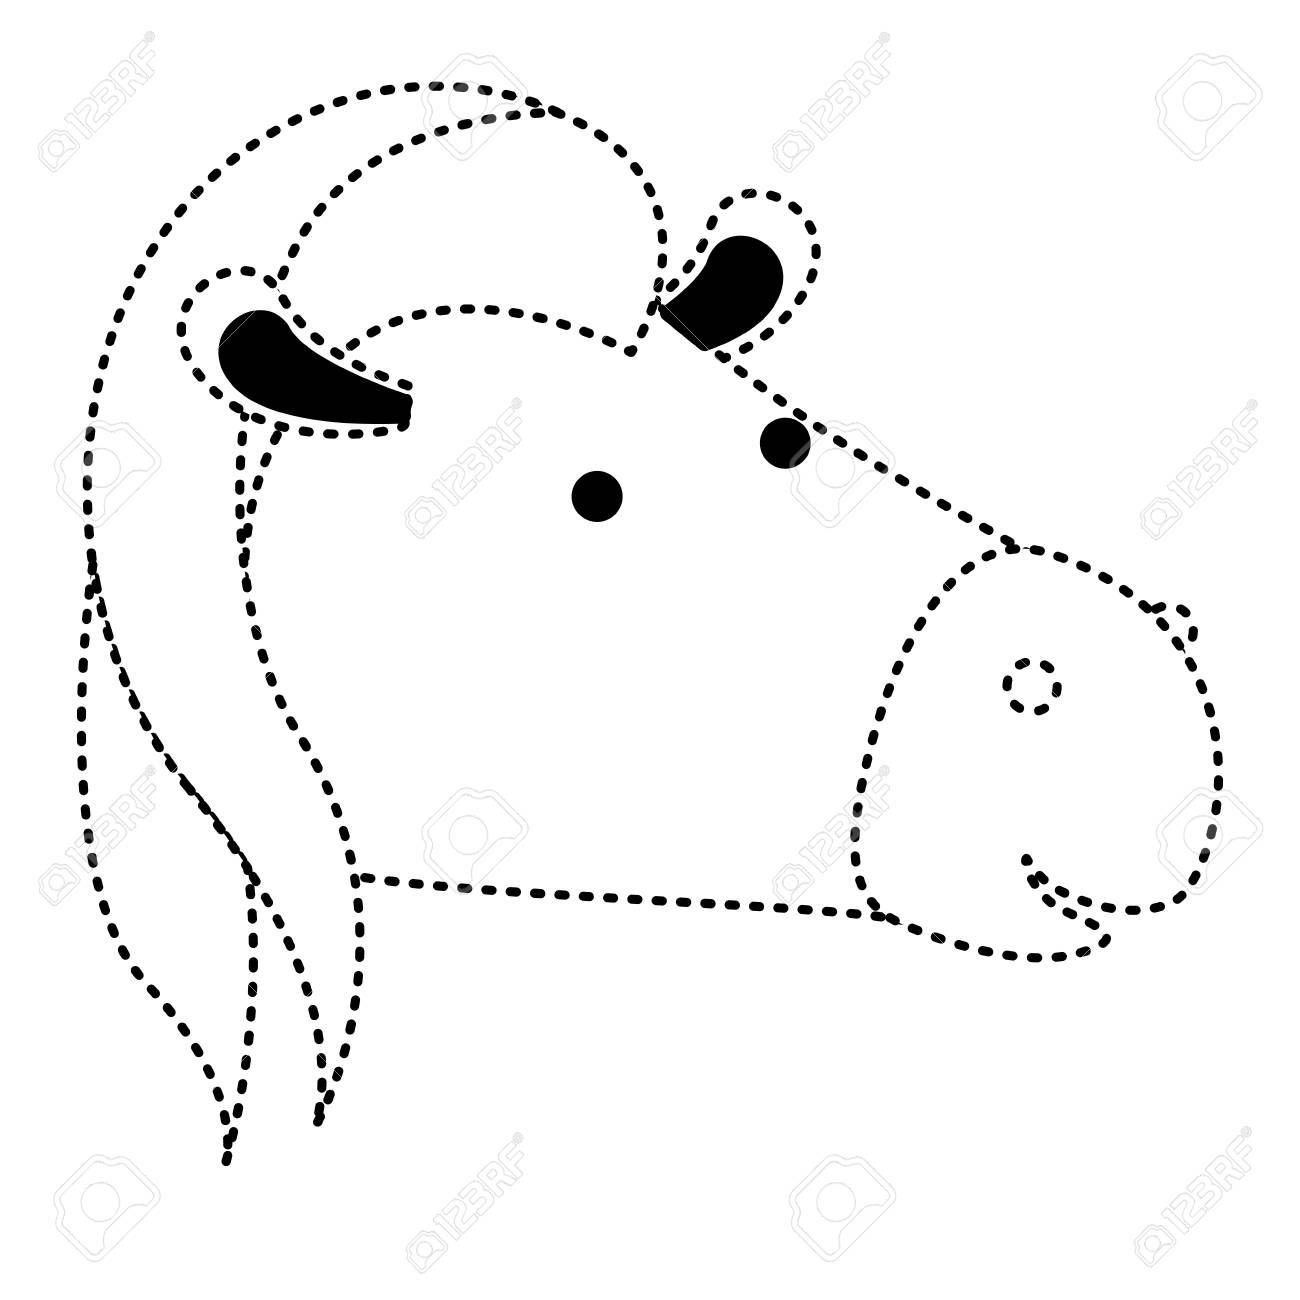 Tête De Dessin Animé De Cheval En Illustration Vectorielle De Silhouette En  Pointillé Noir concernant Dessin En Pointillé